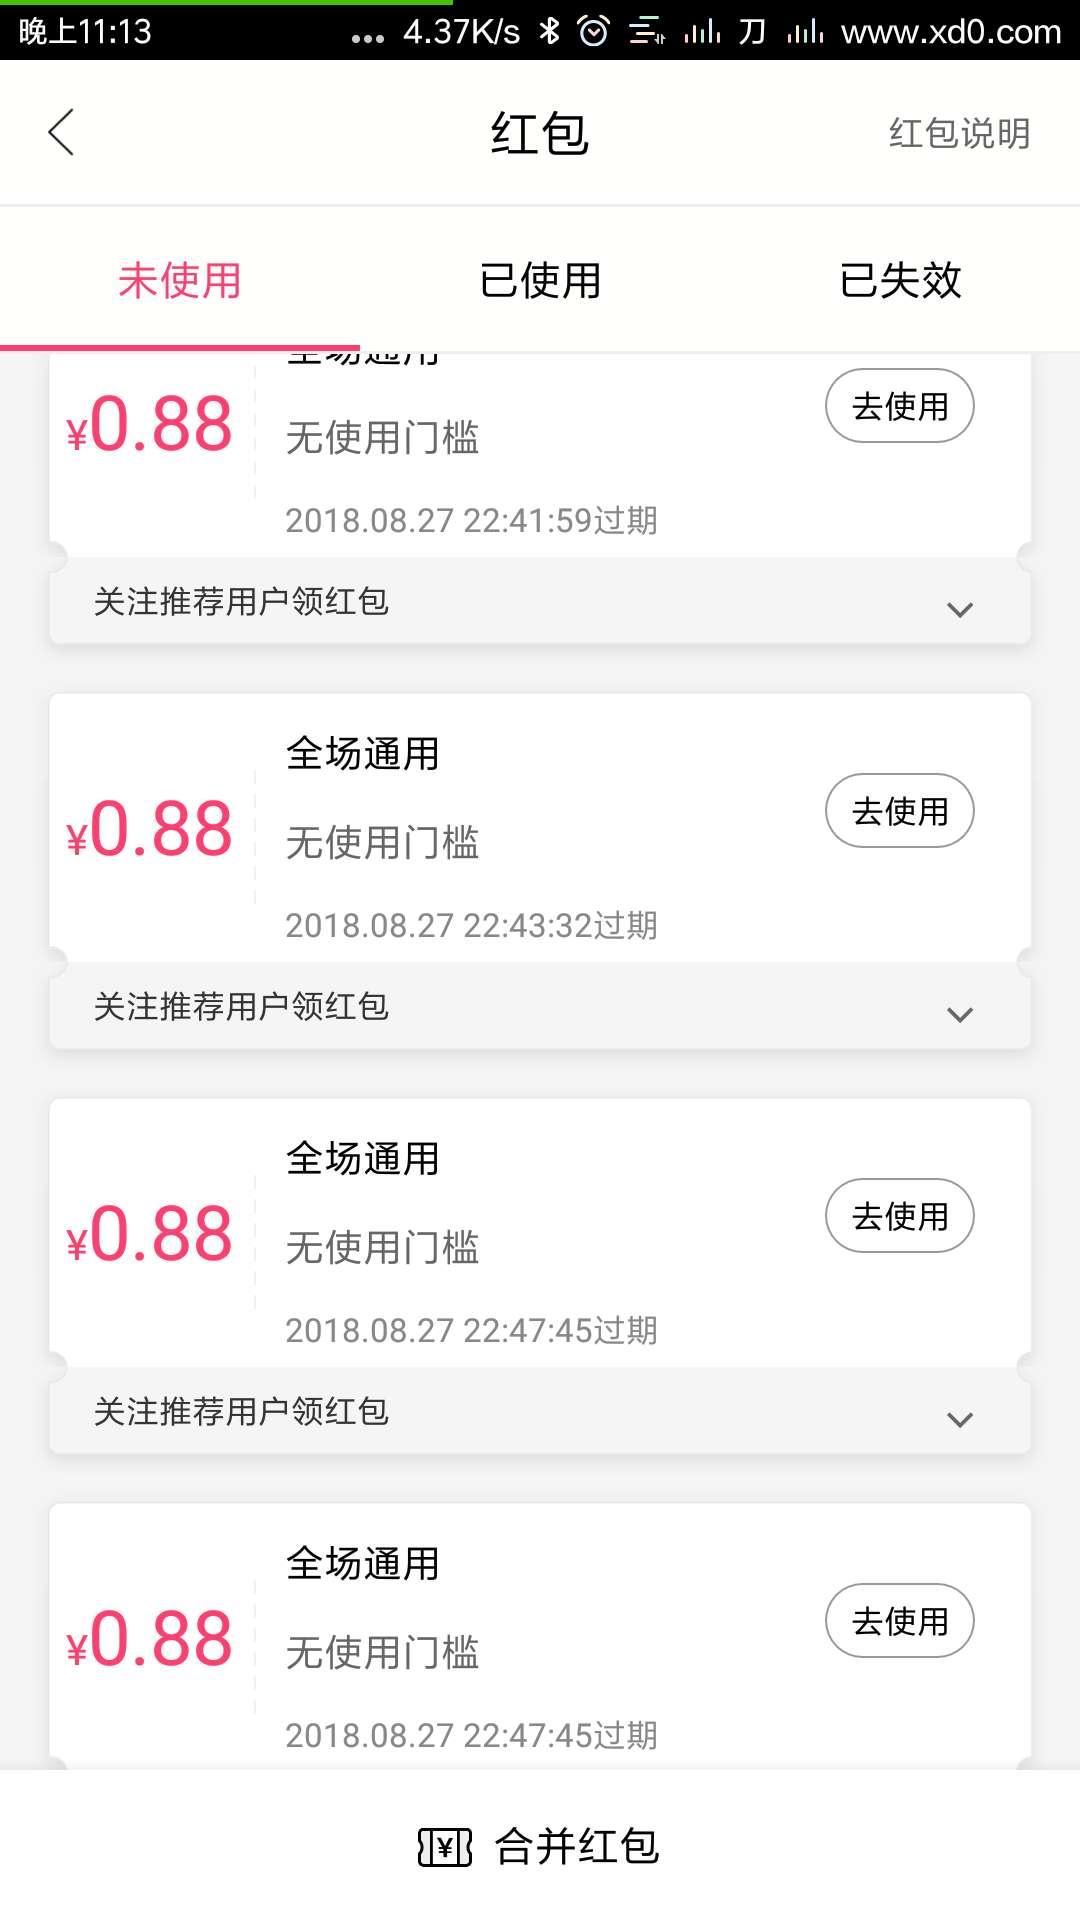 【8-23】最新优惠券_薅羊毛_线报_网赚_福利集合